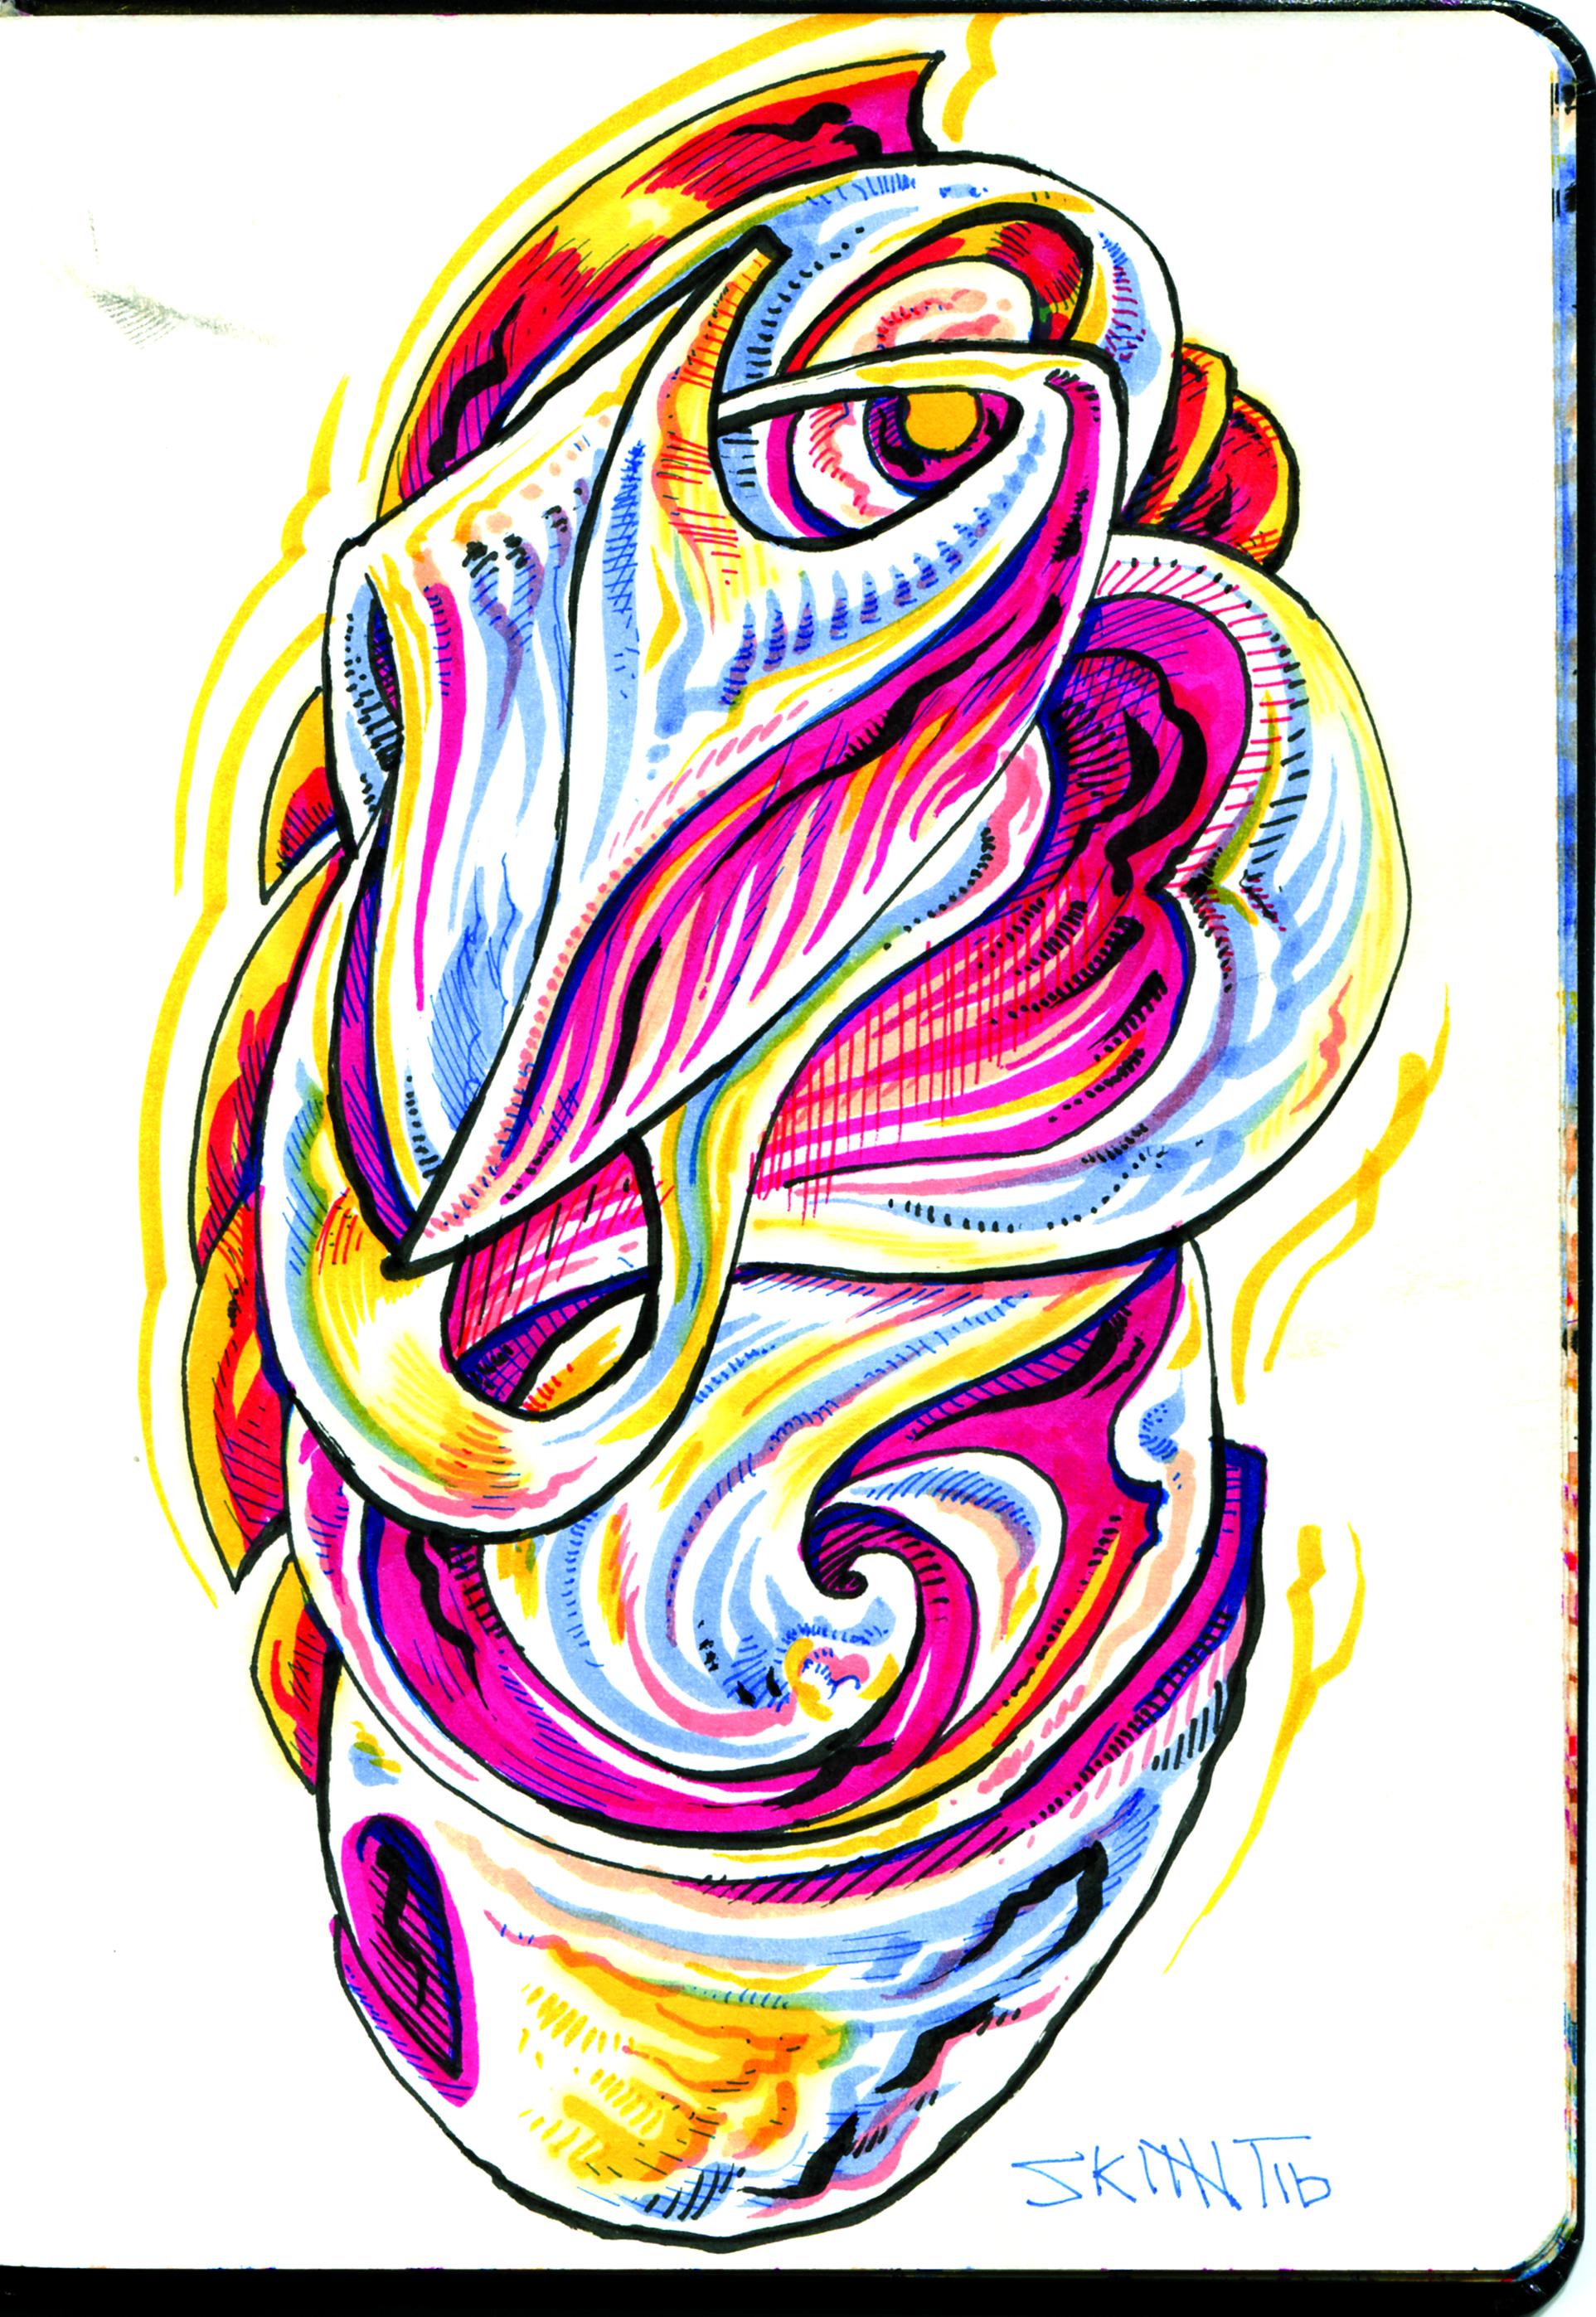 sketchbook_01_Scan_72-C.jpg